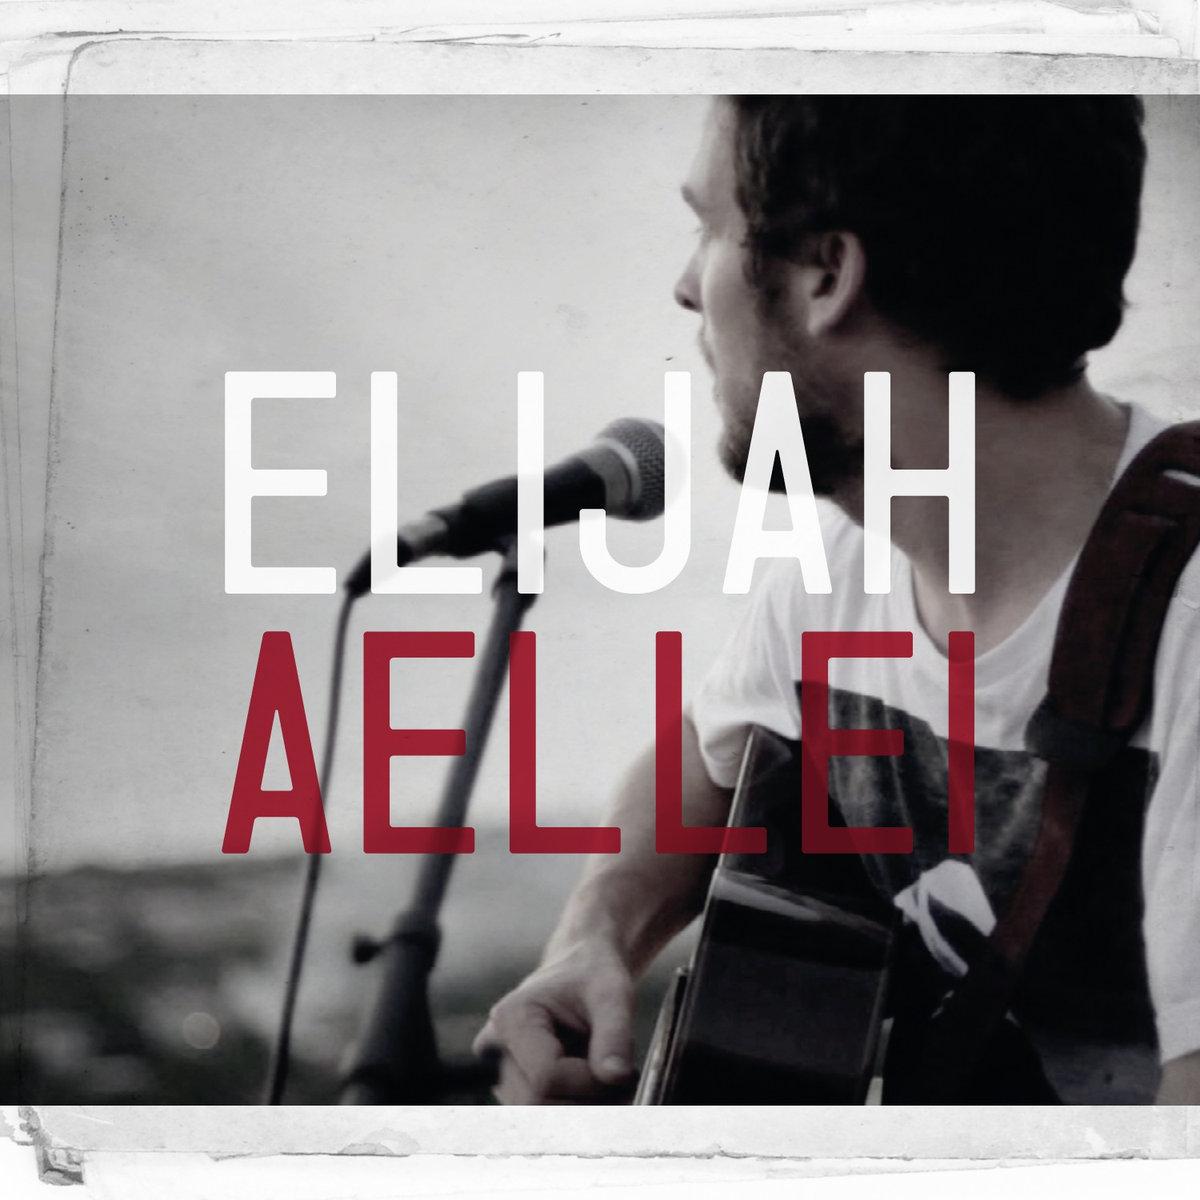 aellei_elijah cover.jpg